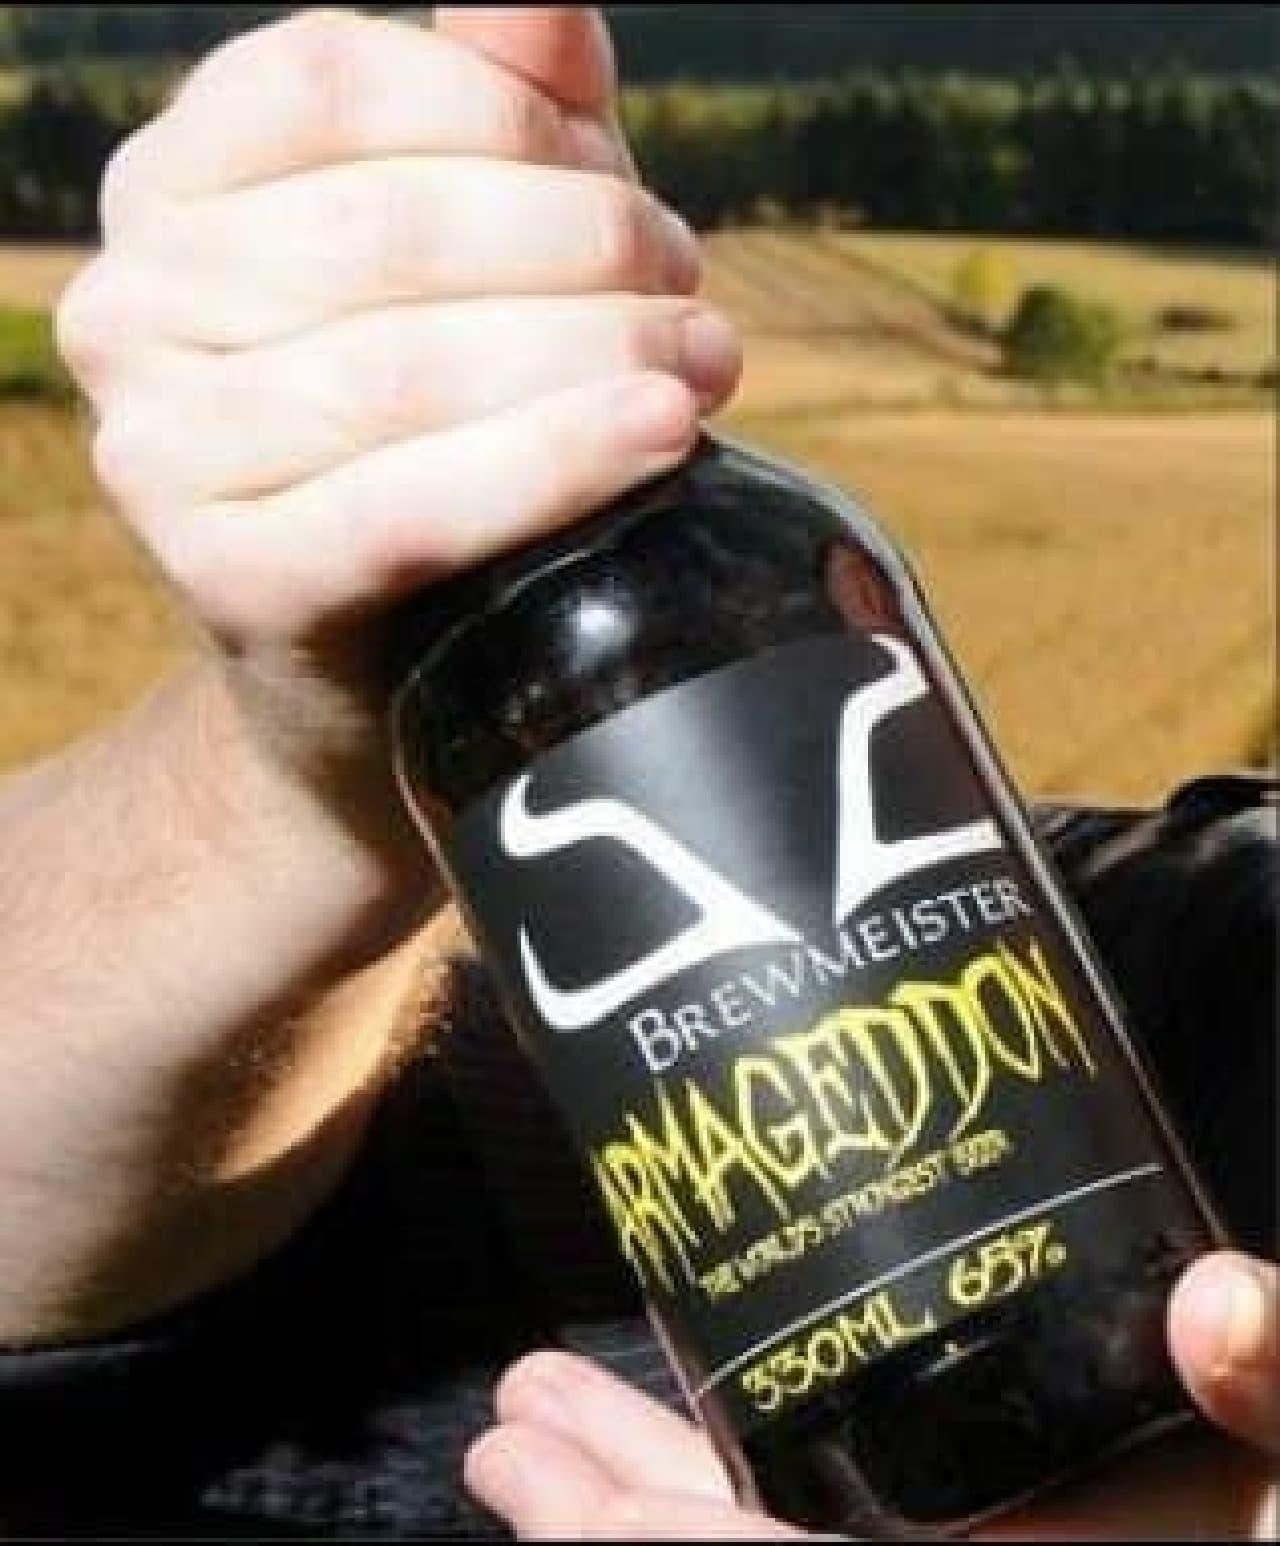 アルコール度数65度のビール「Armageddon(アルマゲドン)」